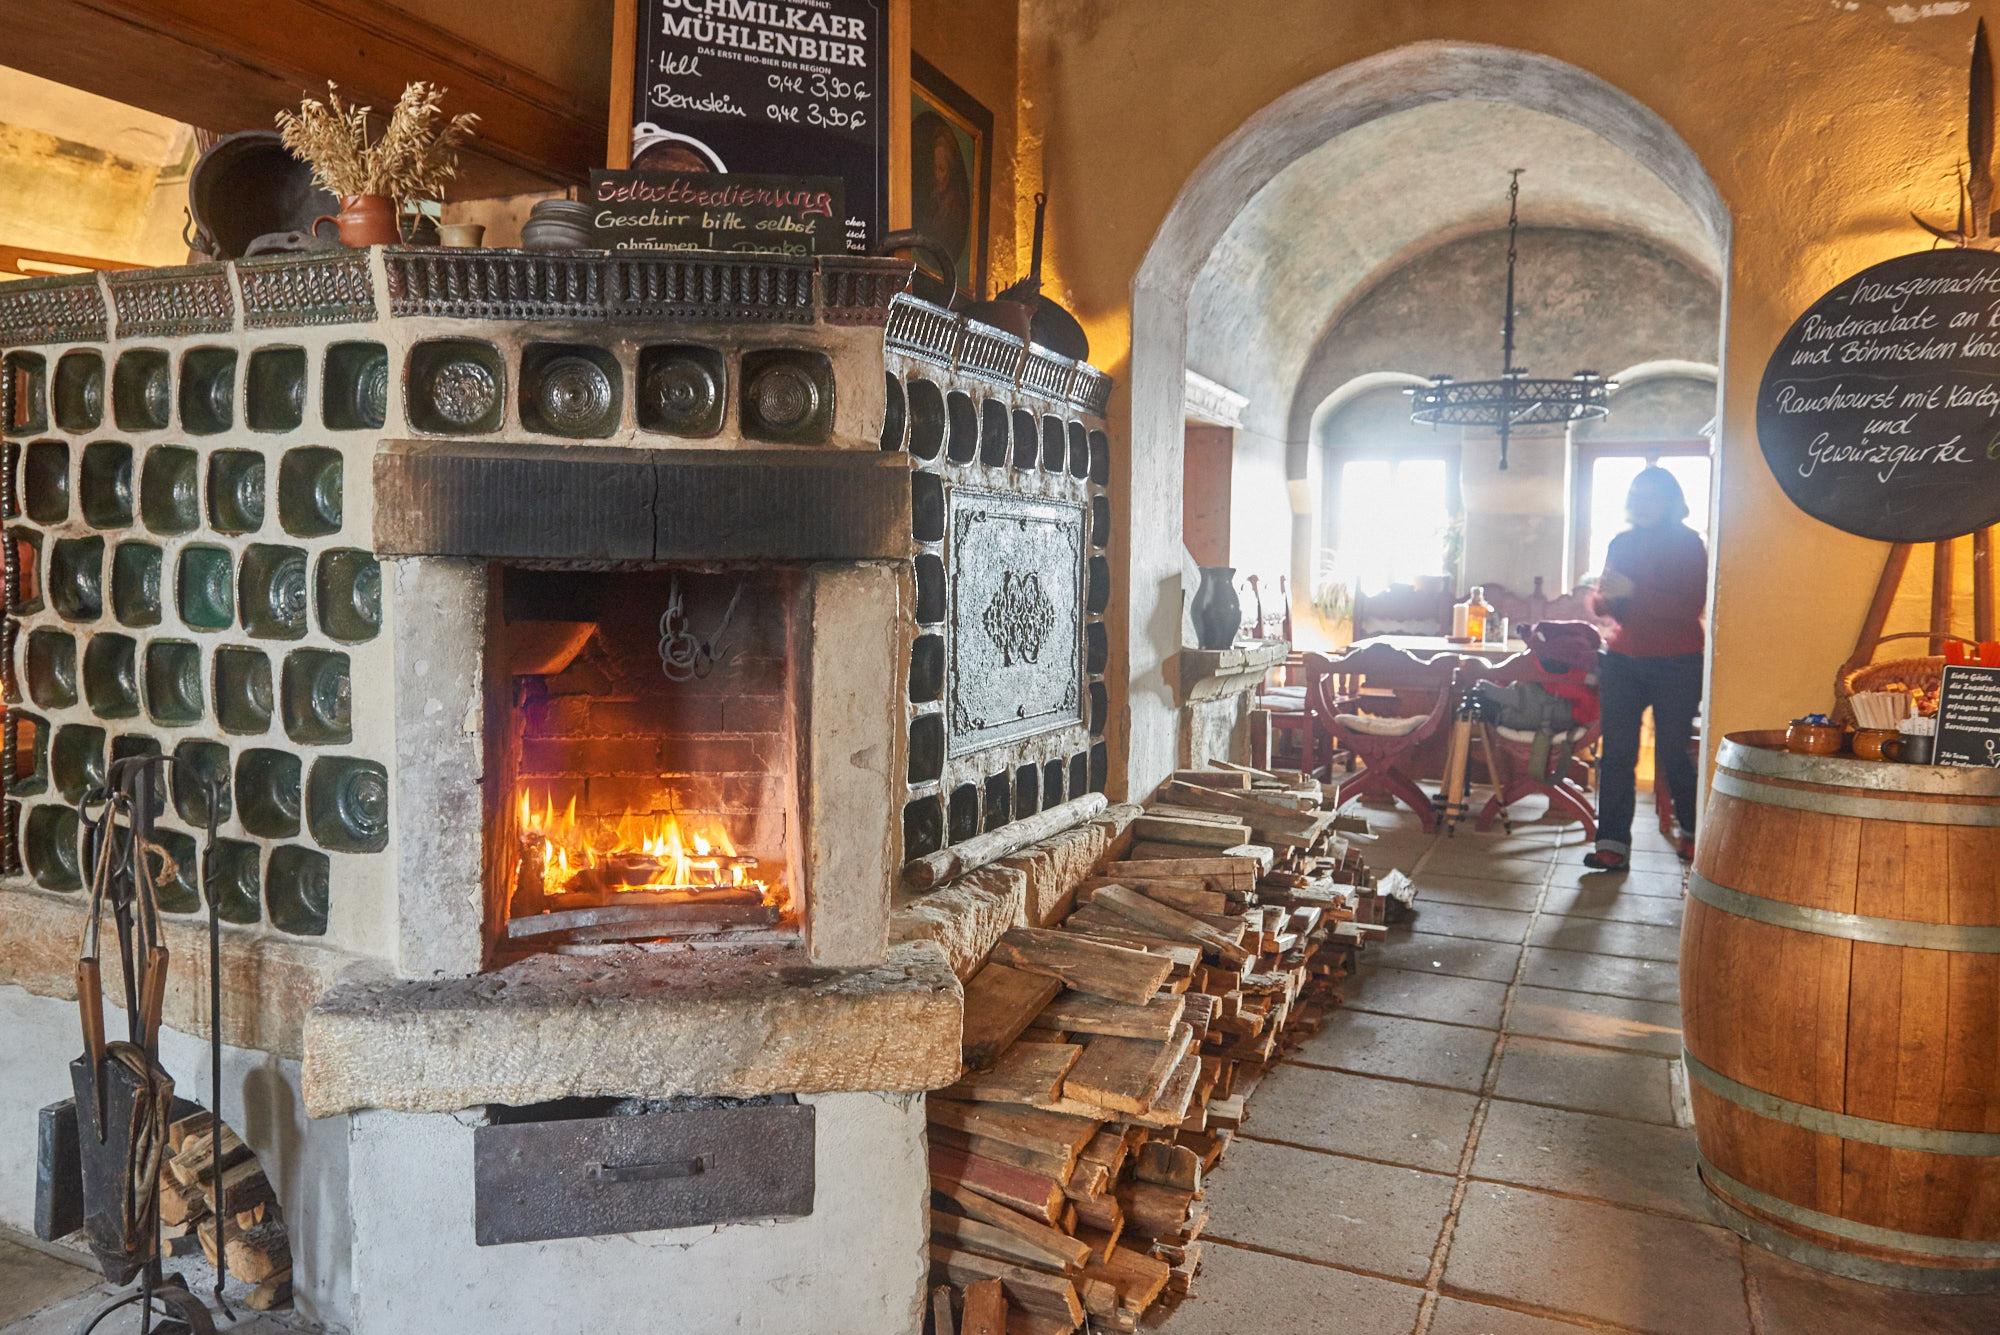 Das Restaurant Musketier auf der Festung Königstein Sächsische Schweiz by AchimMeurer.com .